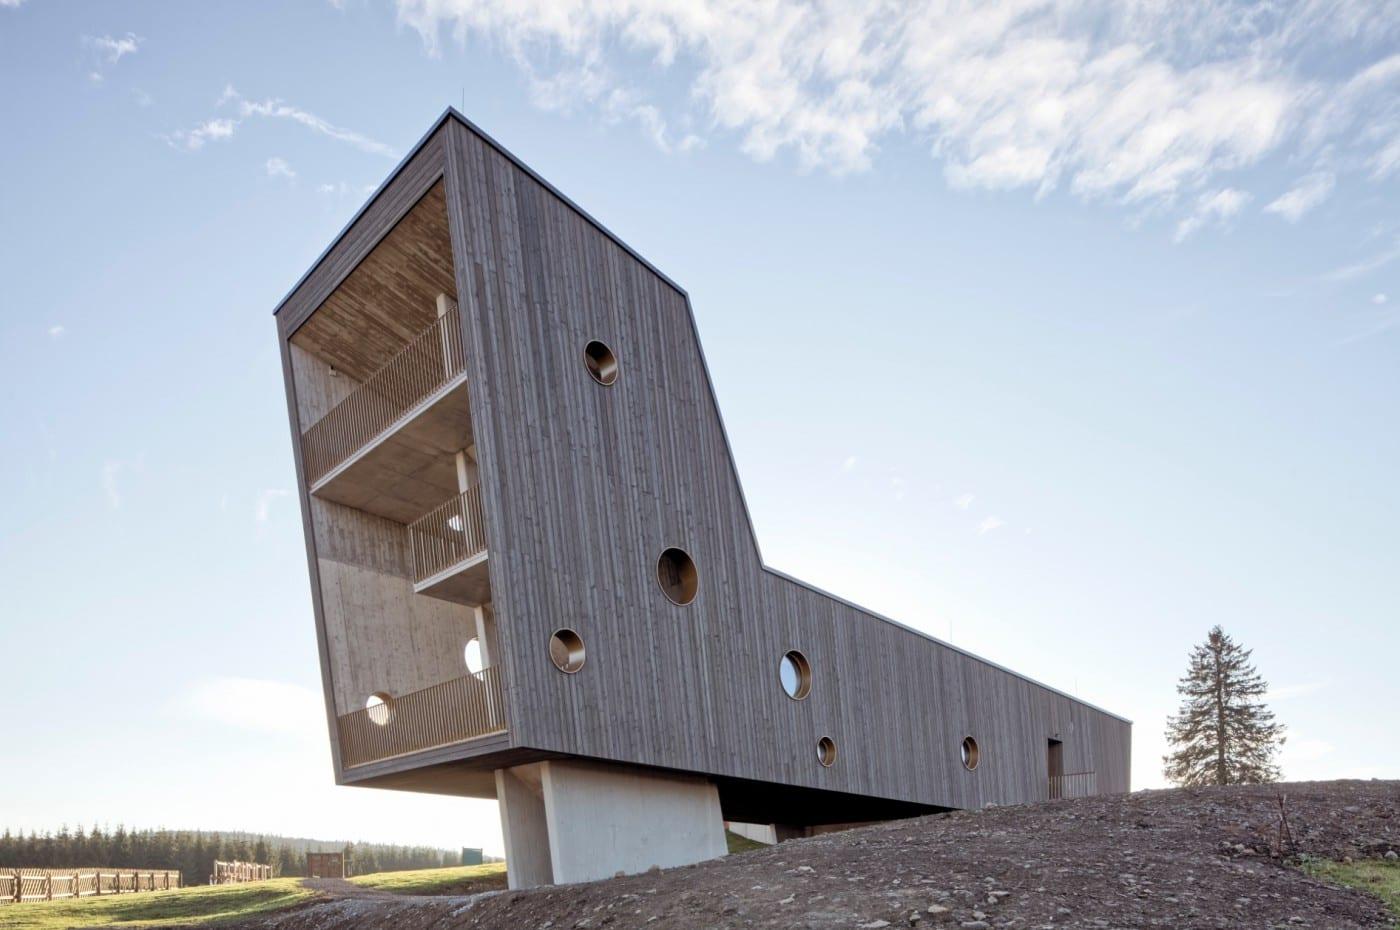 Tag der architektur 2016 ausstellung in erfurt hbf - Neue architektur ...